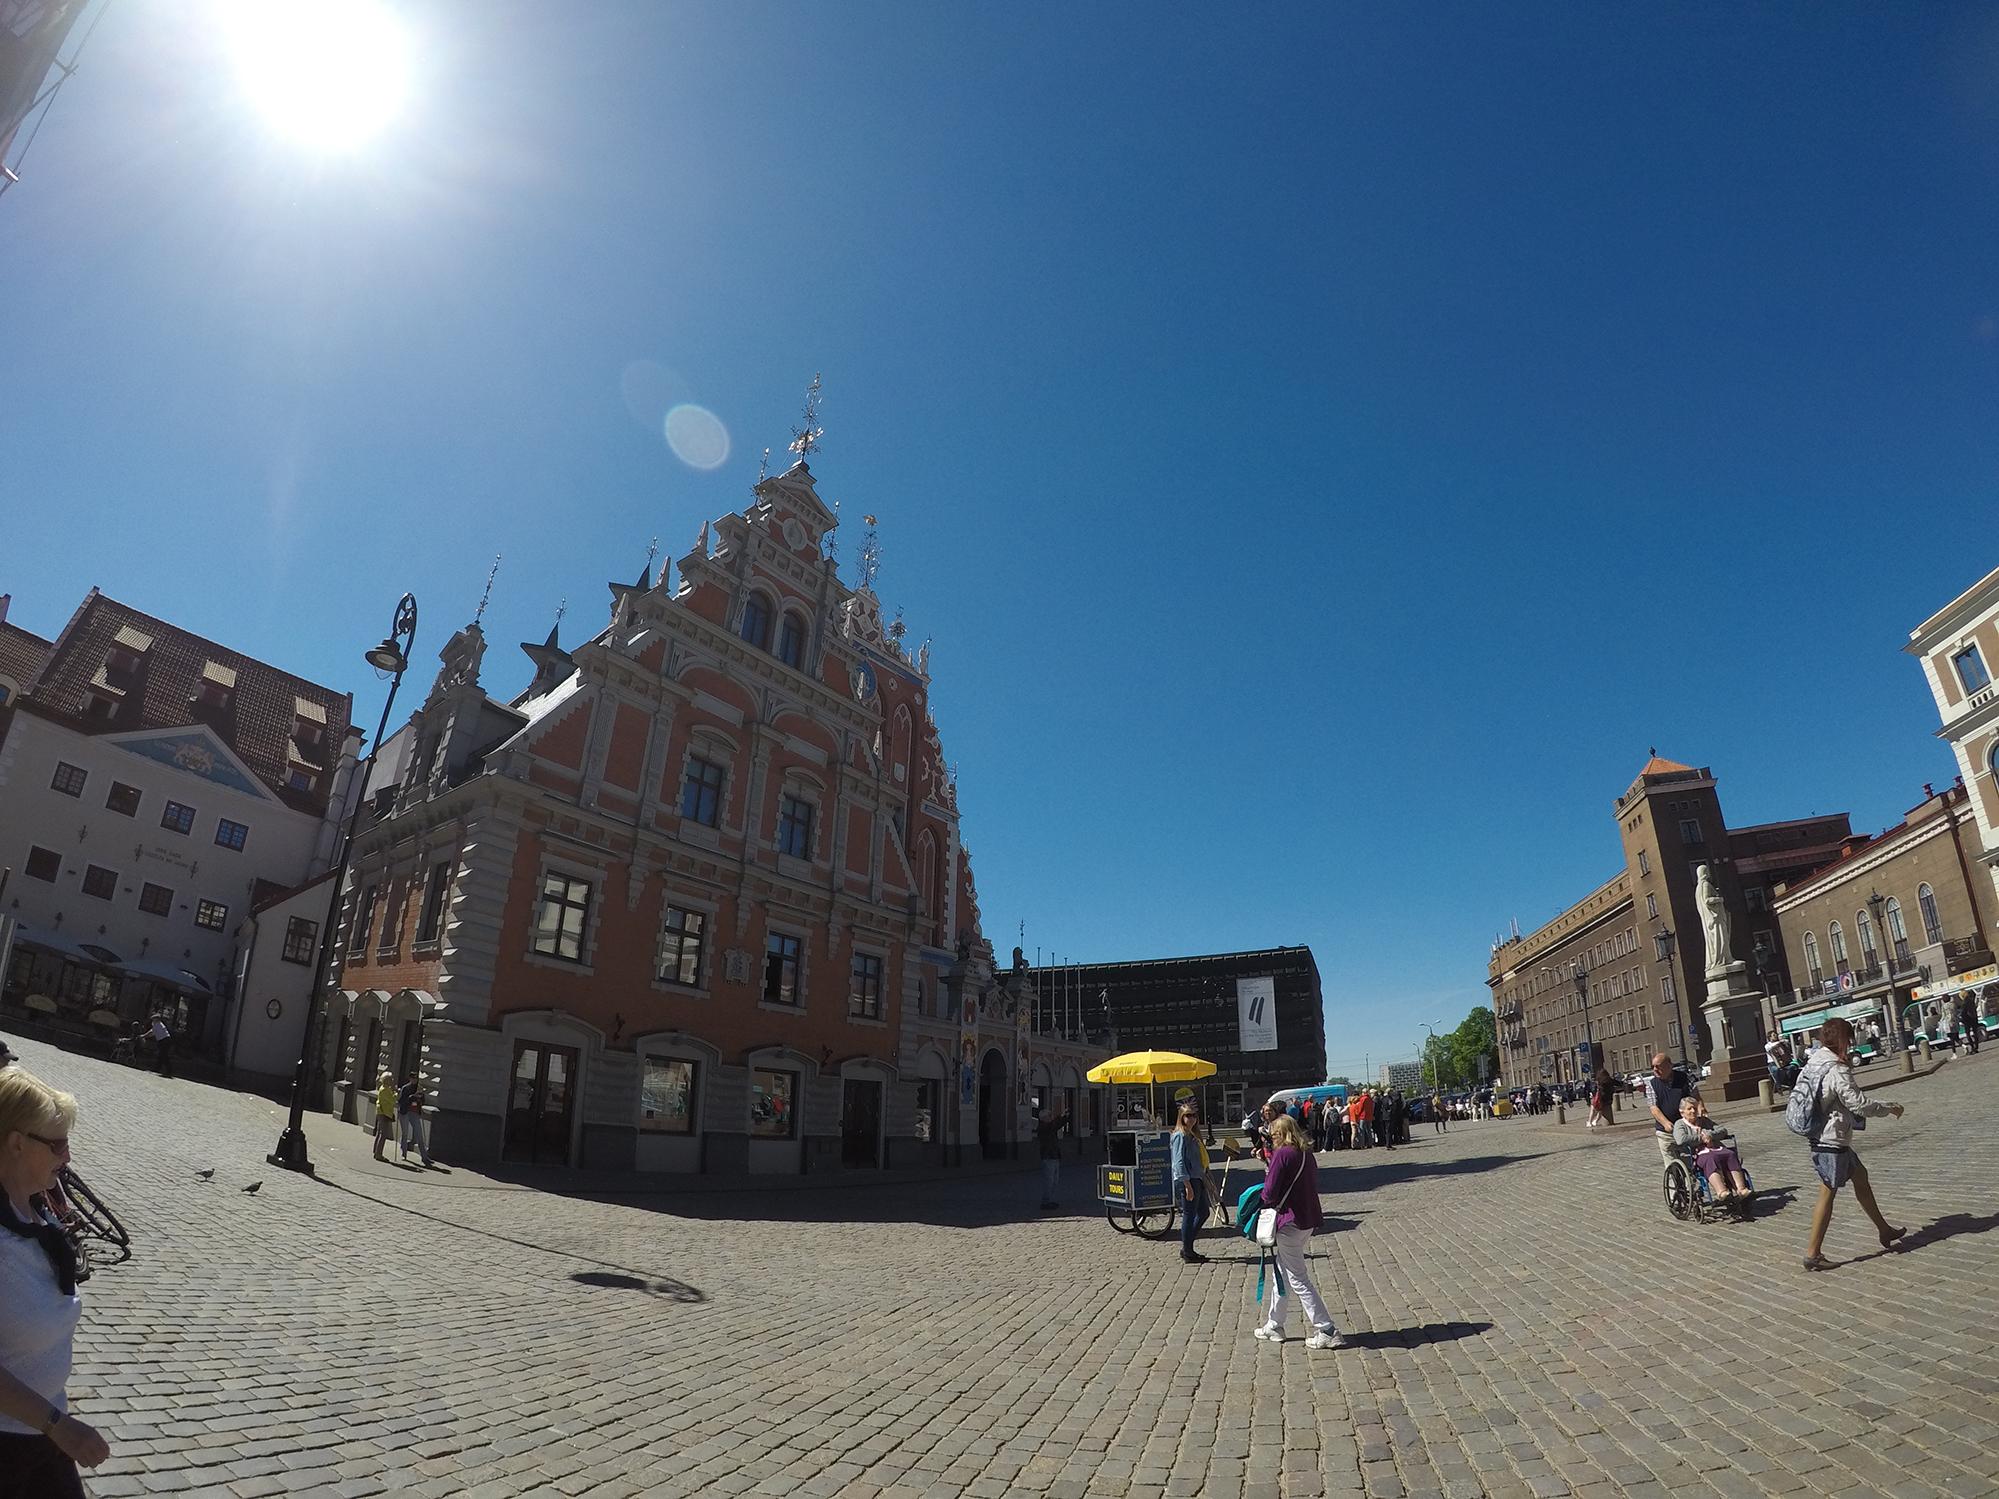 Rātslaukums (Town Hall Square), Rīga